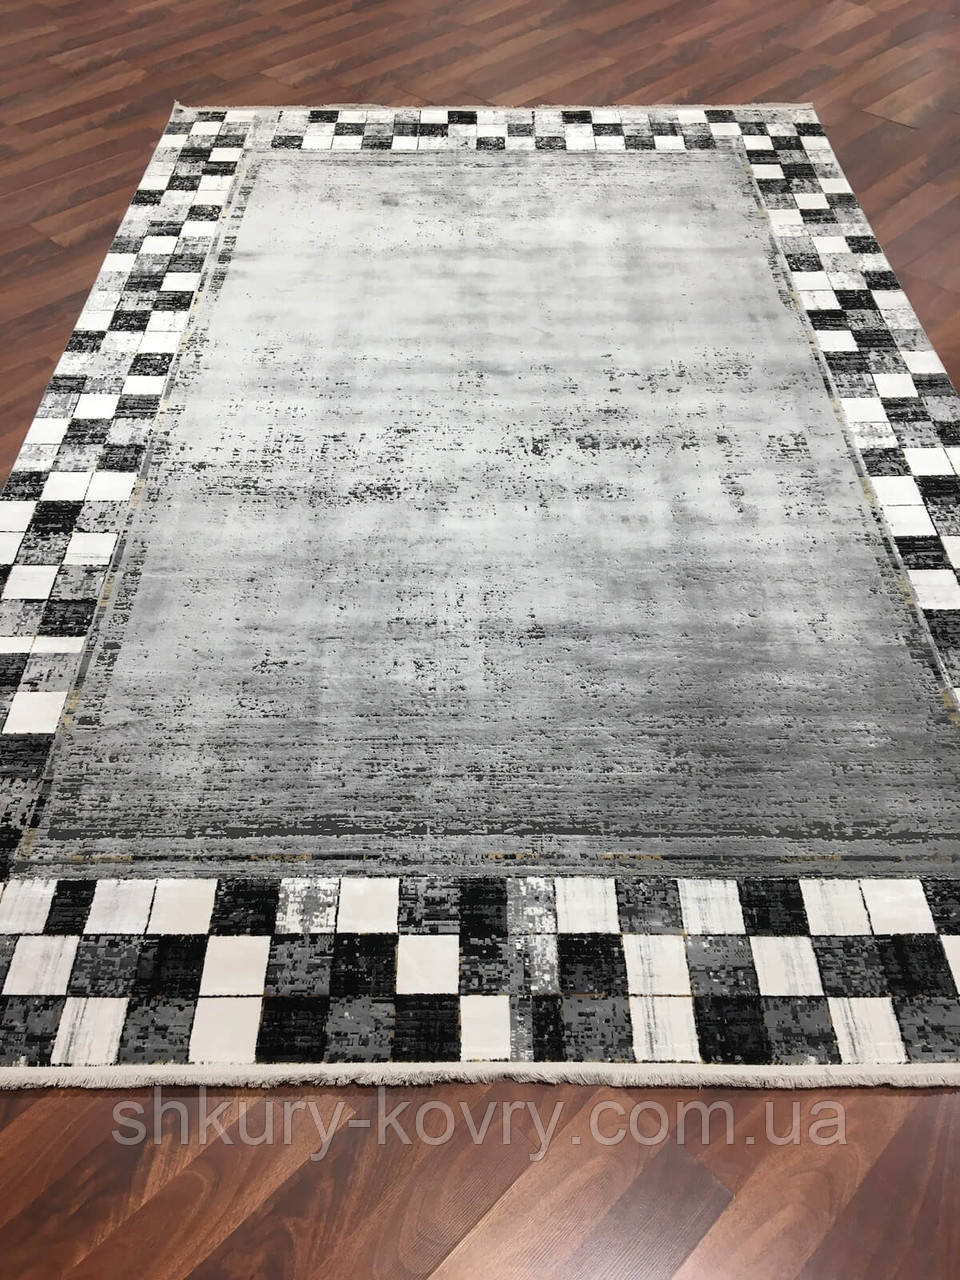 Модный молодежный ковер из бананового волокна шахматная доска